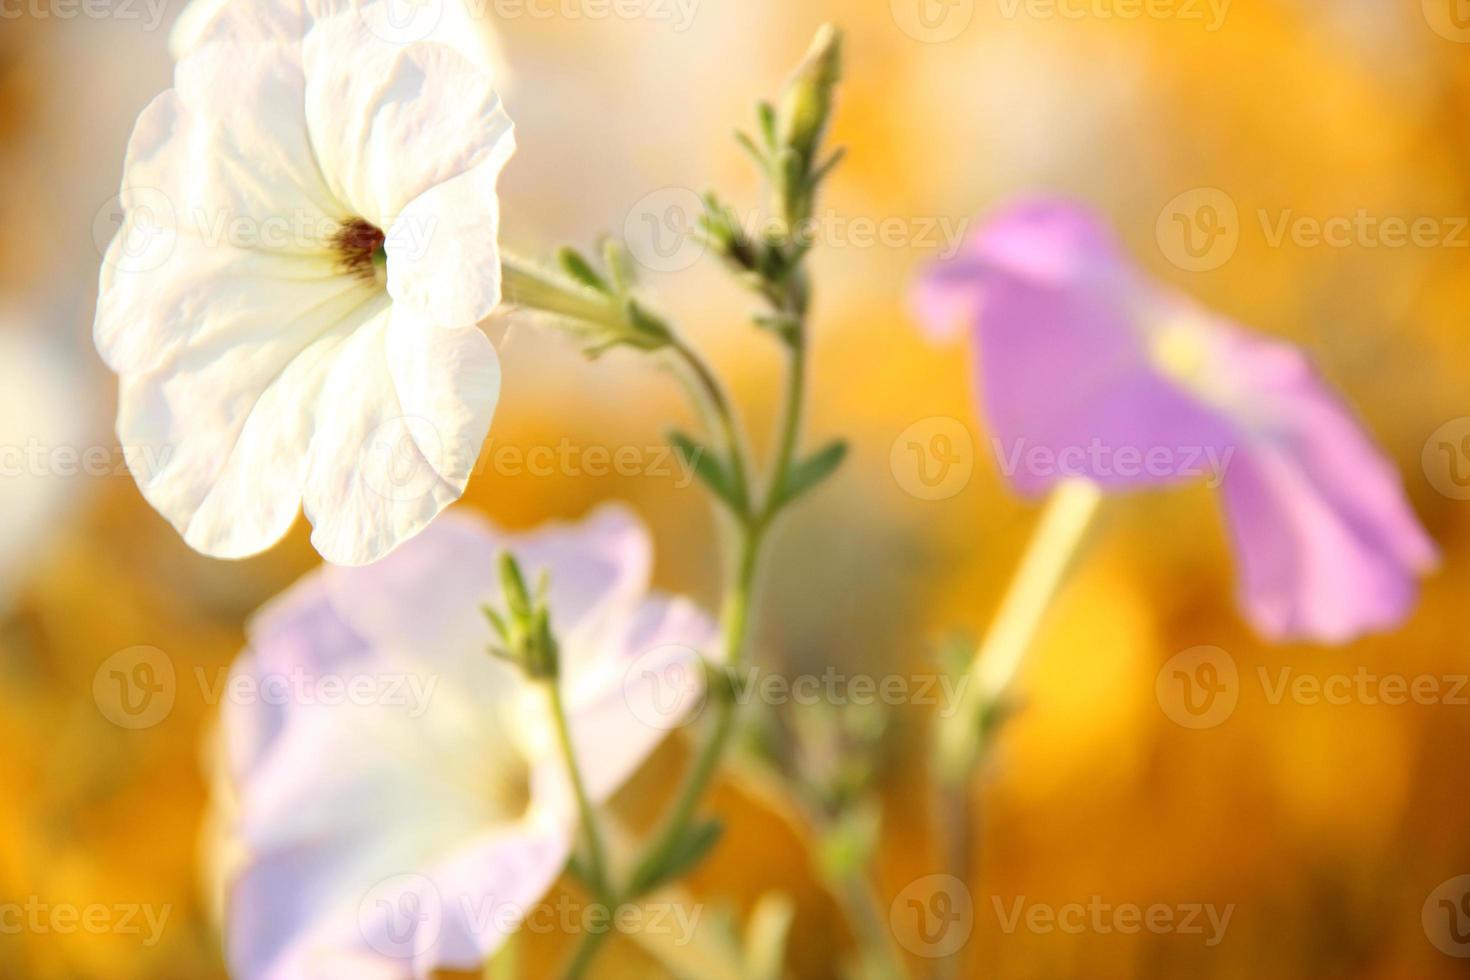 Petunia picturesque 1 photo